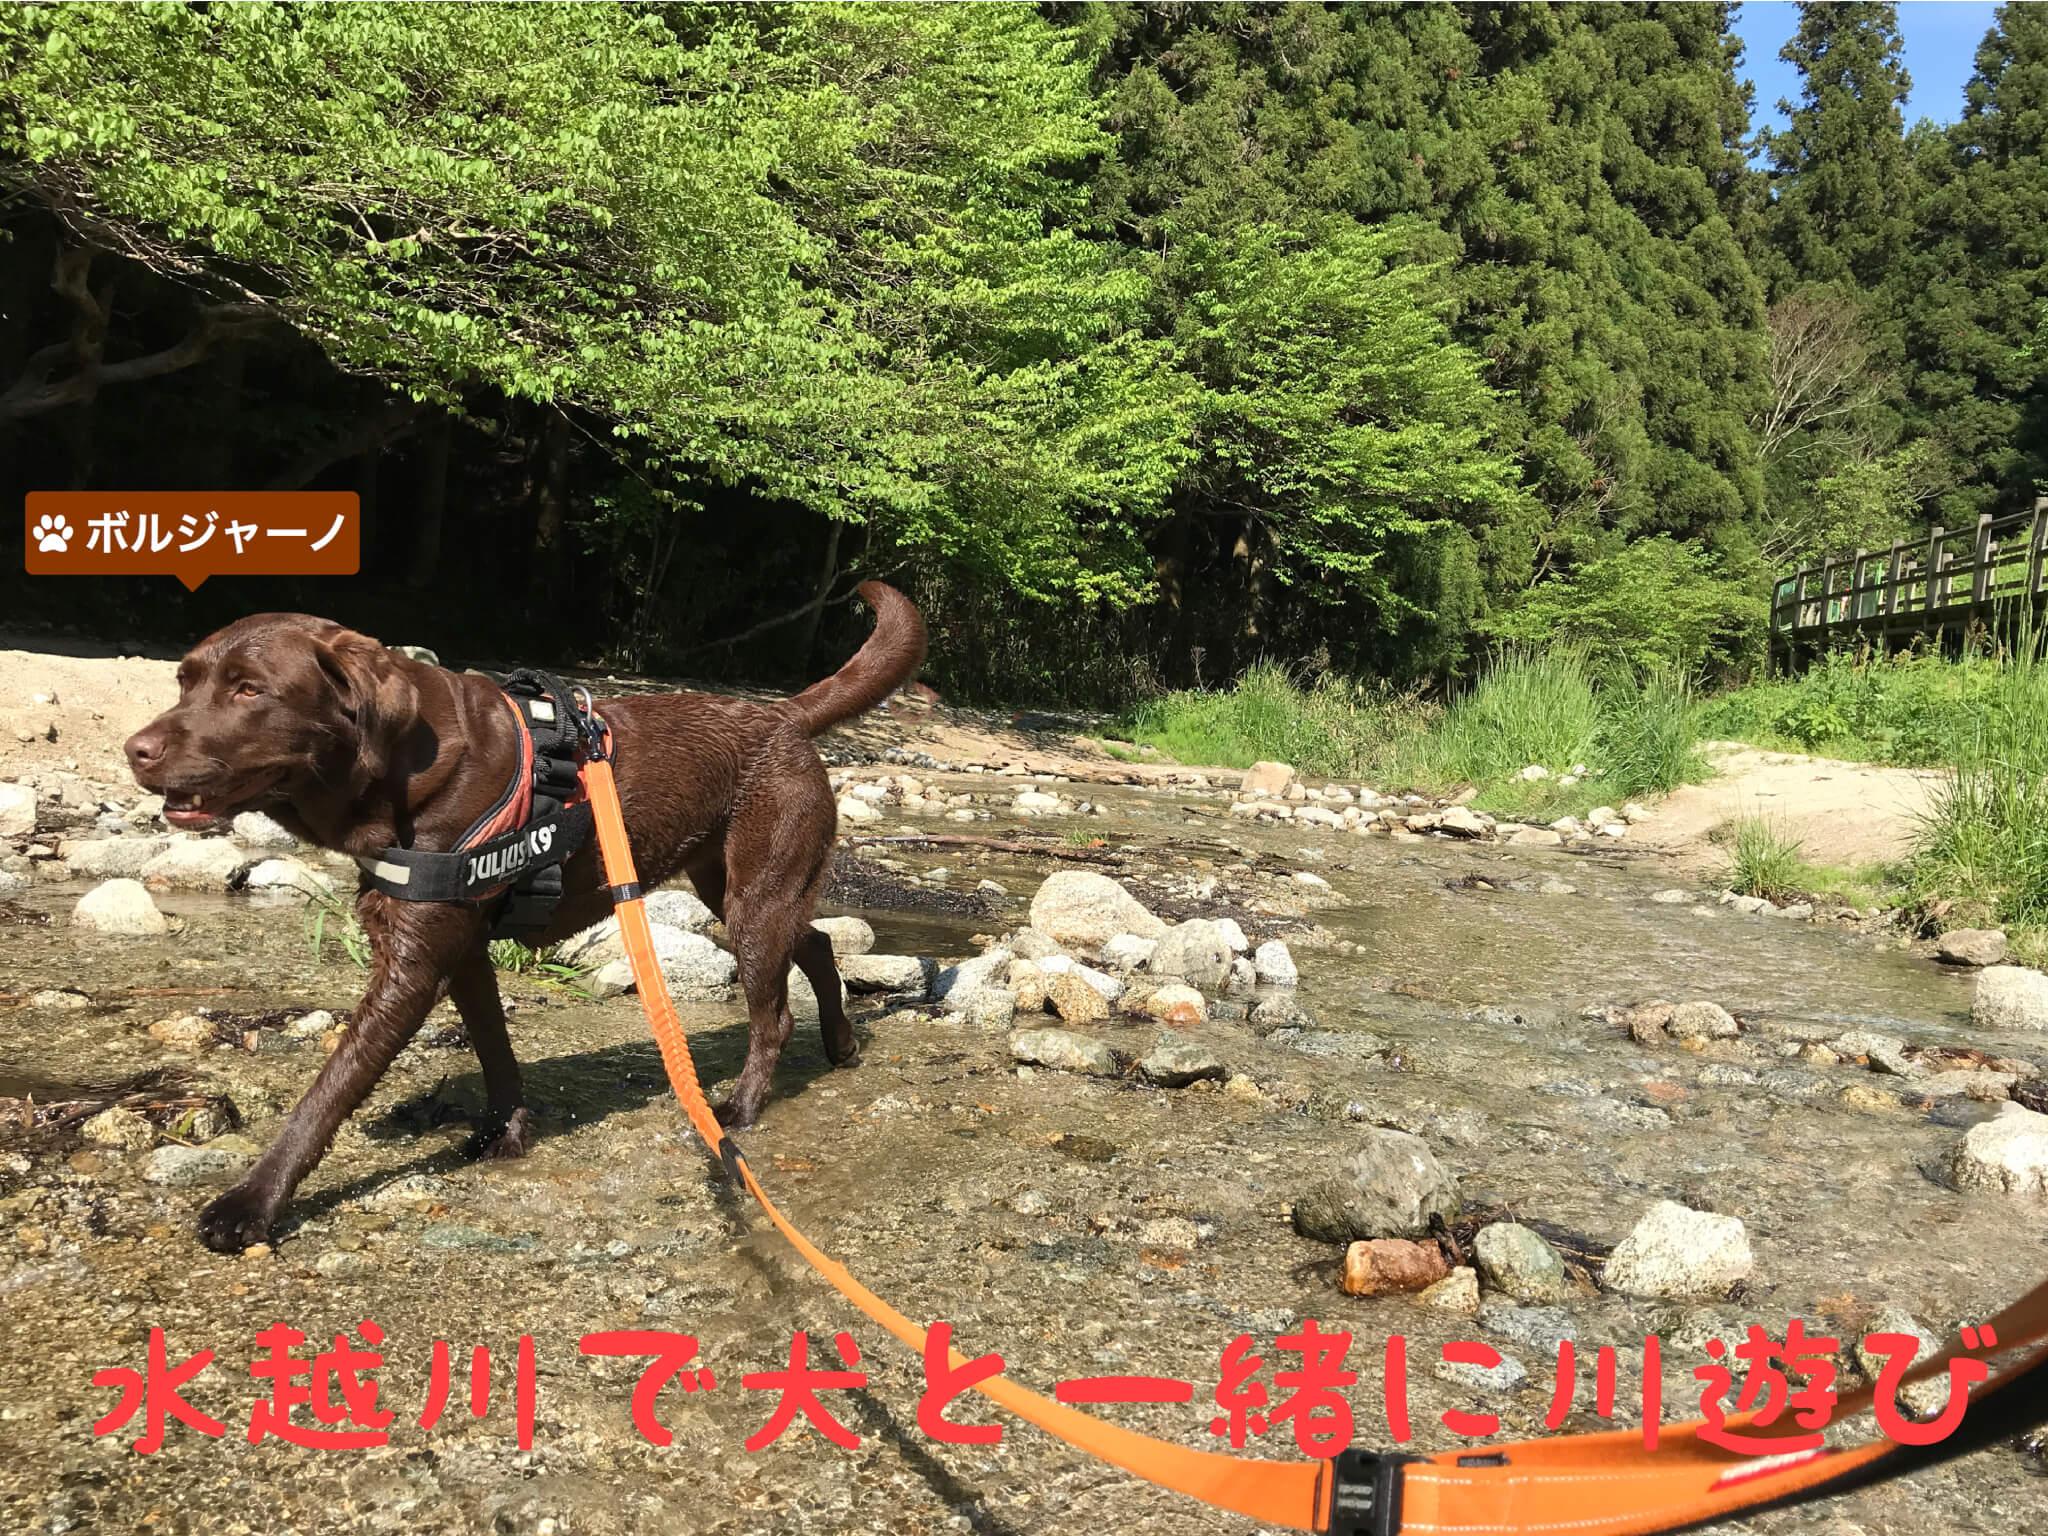 水越川で犬と一緒に川遊び ボルジャーノ